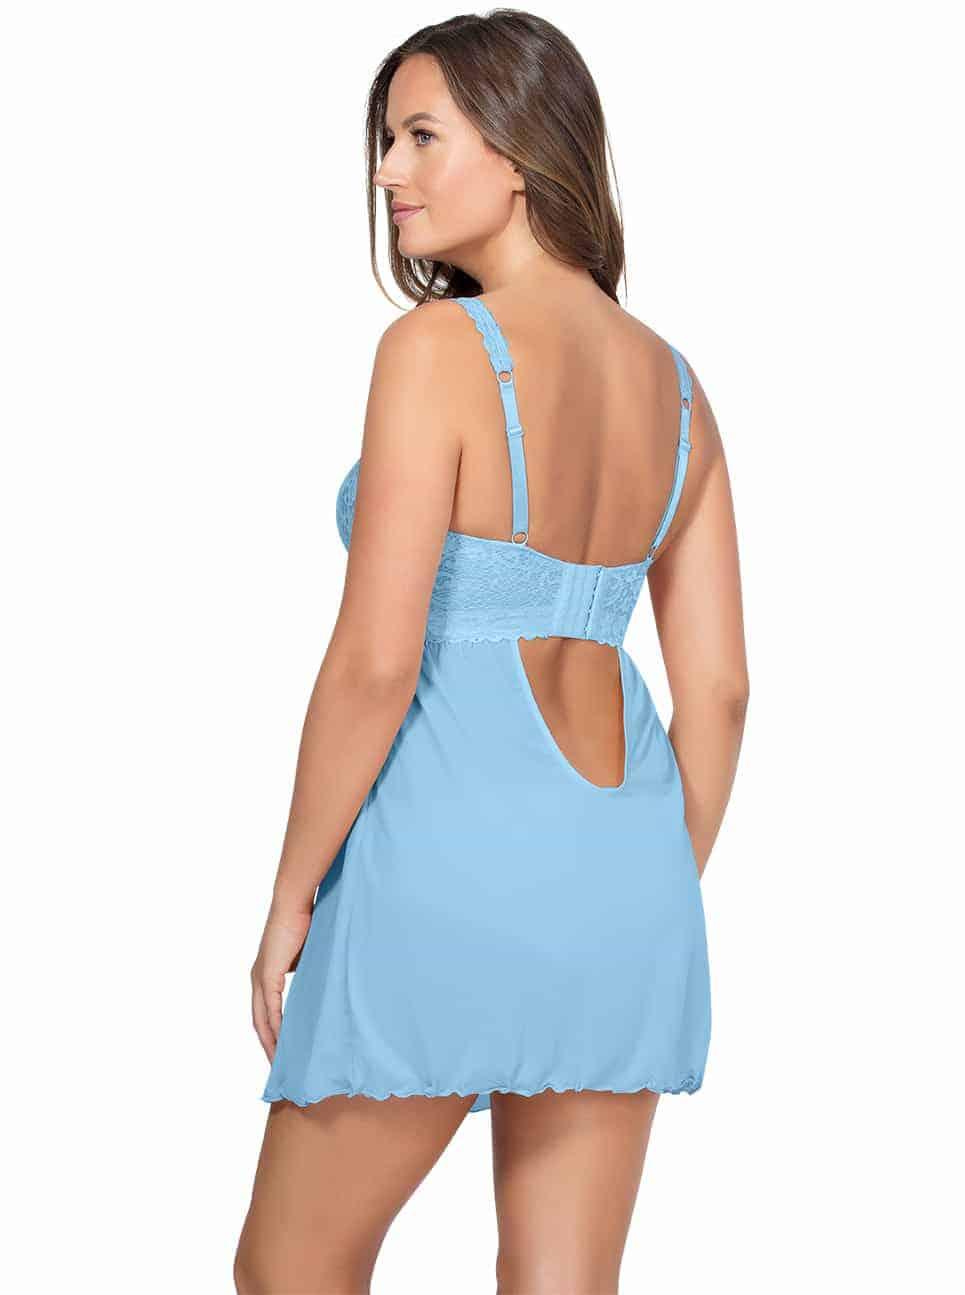 PARFAIT Adriana UnlinedBabydollP5488 BikiniP5483 SkyBlue Back2 - Adriana Unlined Babydoll - Sky Blue - P5488